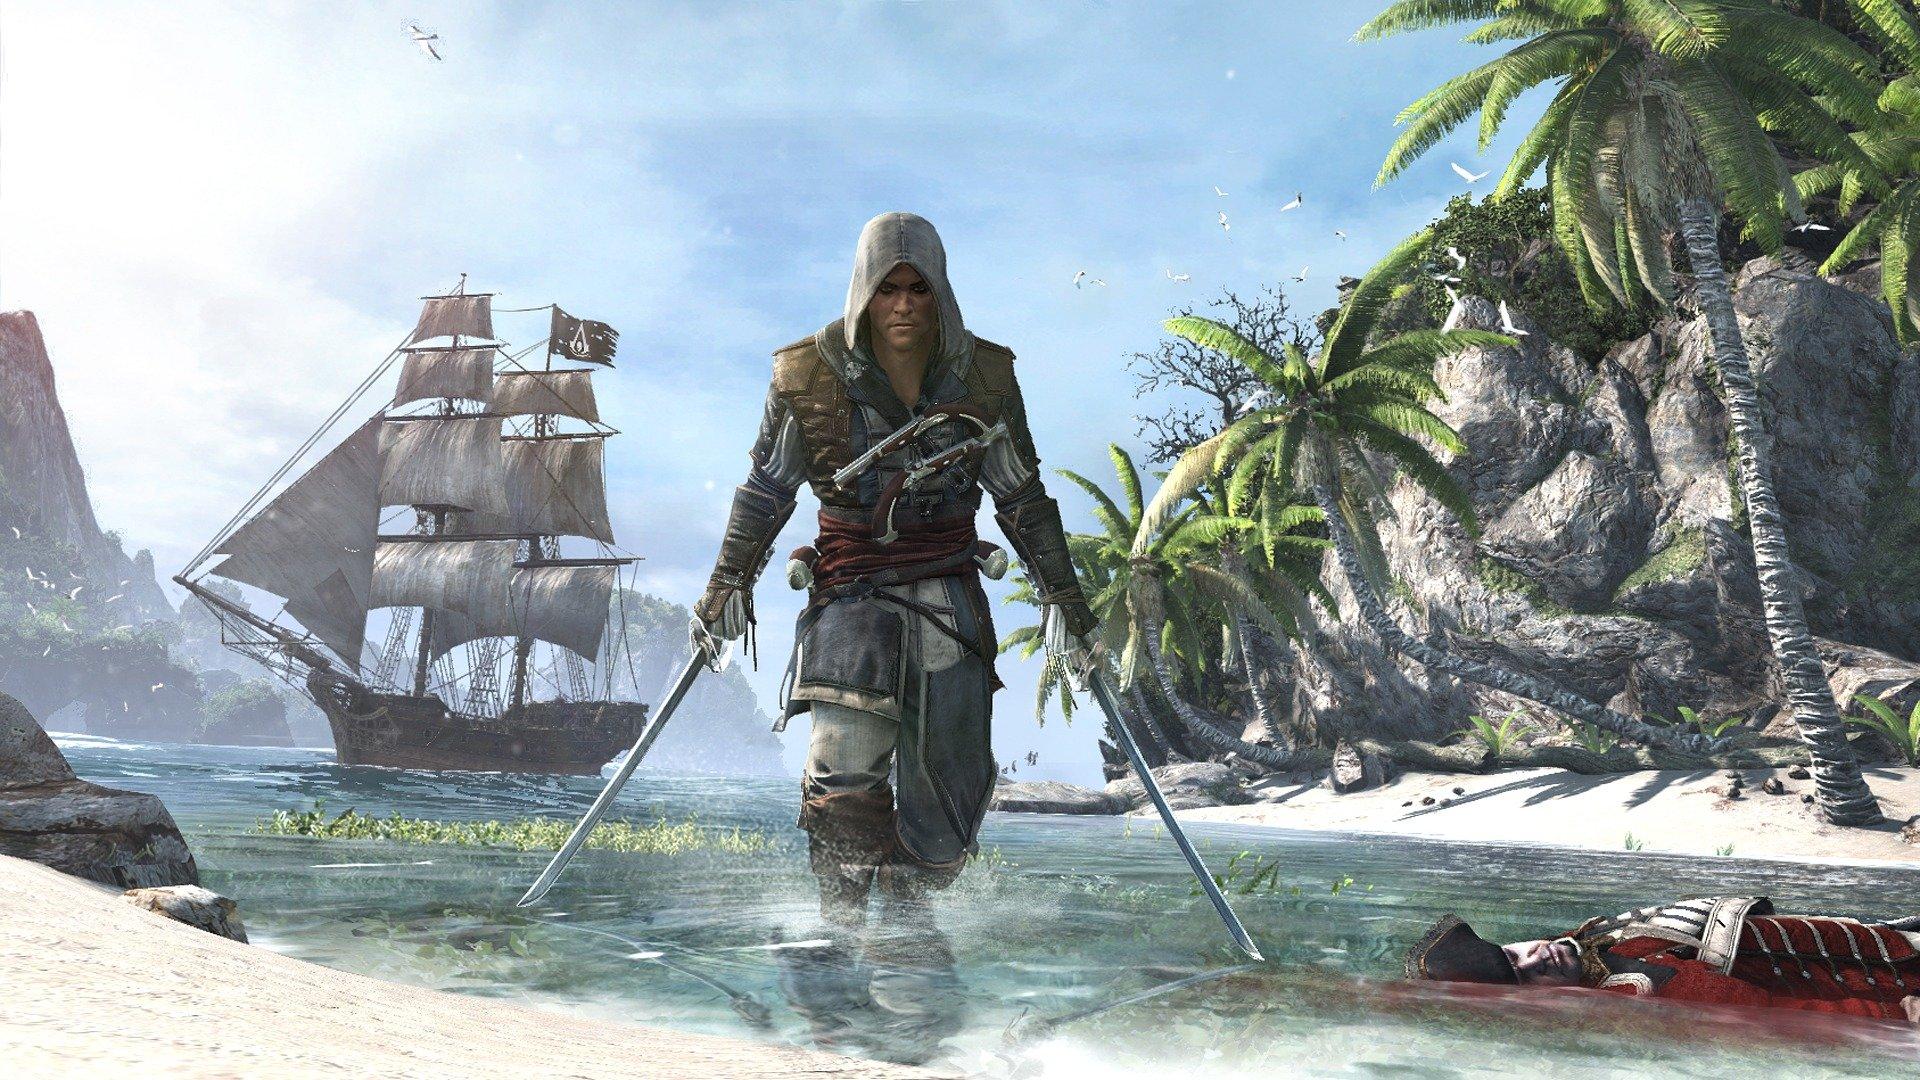 Голливудский актер Майкл Фассбендер заверил поклонников, что работы по созданию фильма Assassin's Creed идут полным  ... - Изображение 1